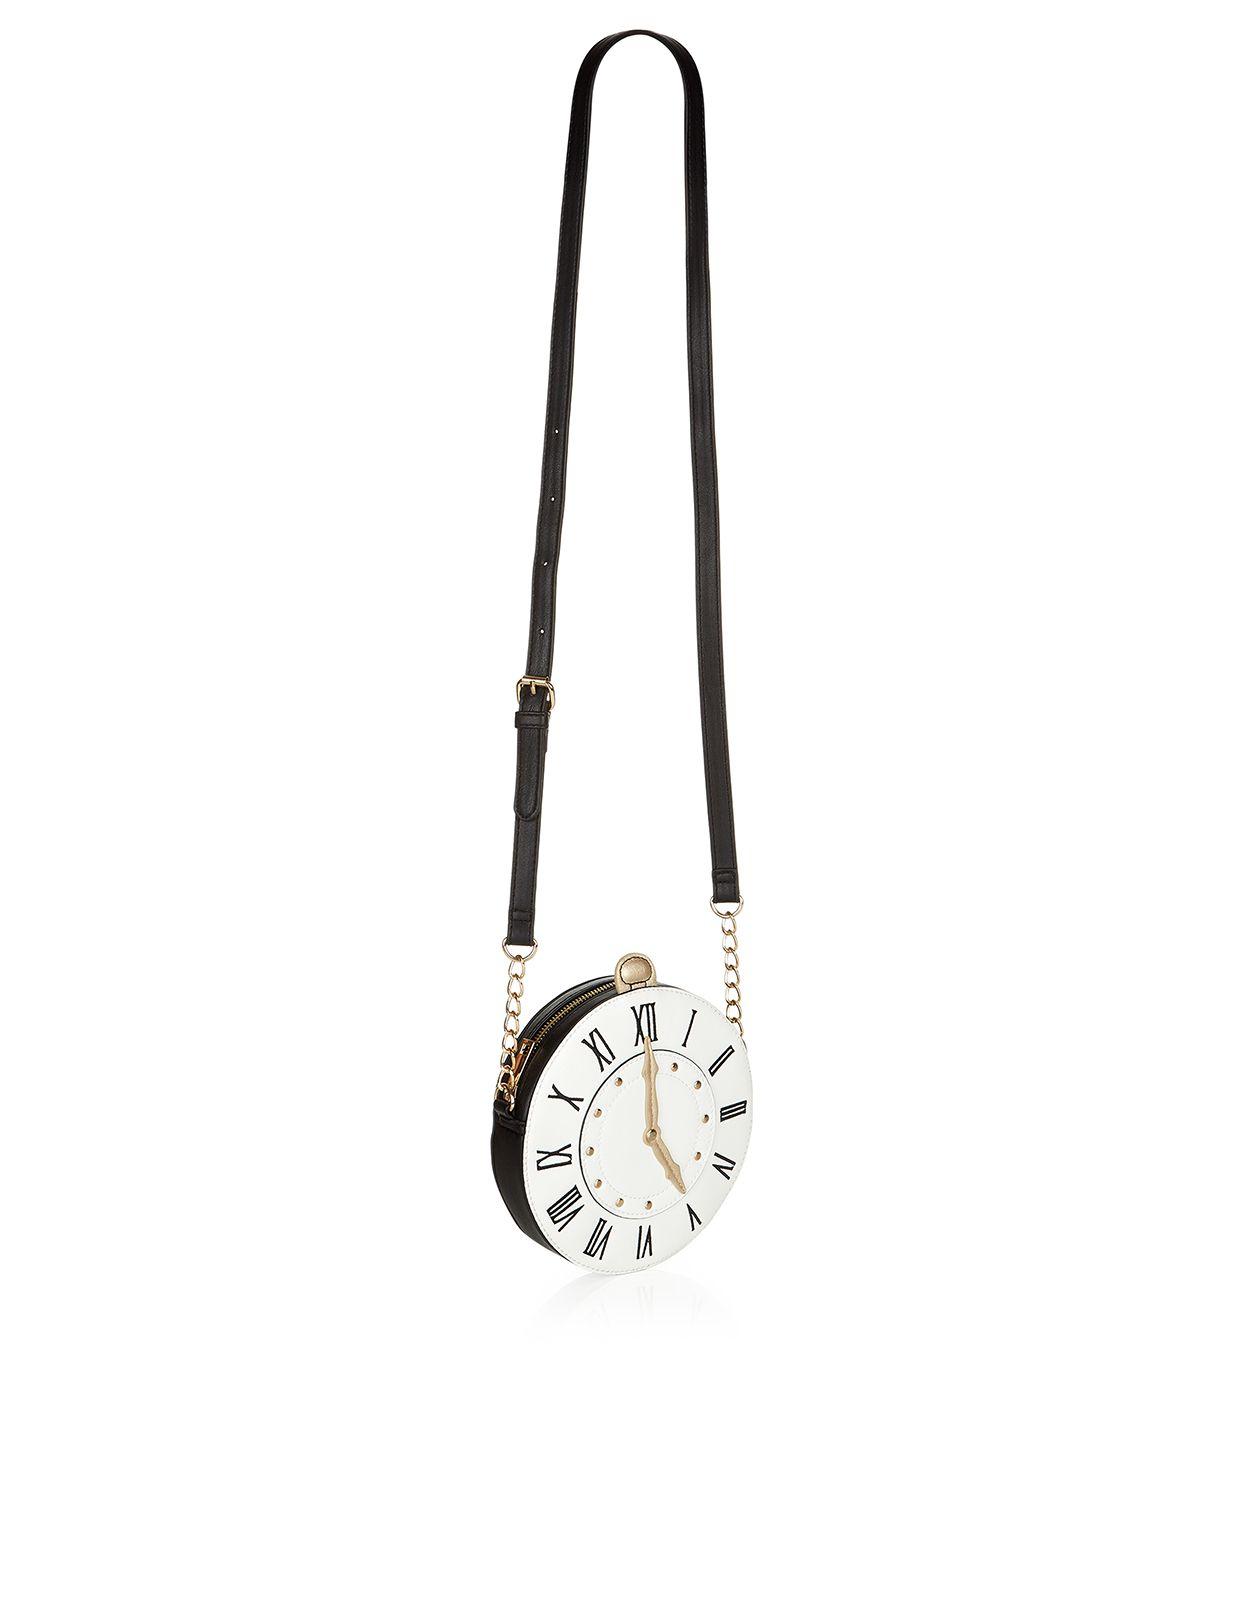 Tick Tock - Borsa a tracolla a forma di orologio   Multicolore   Accessorize